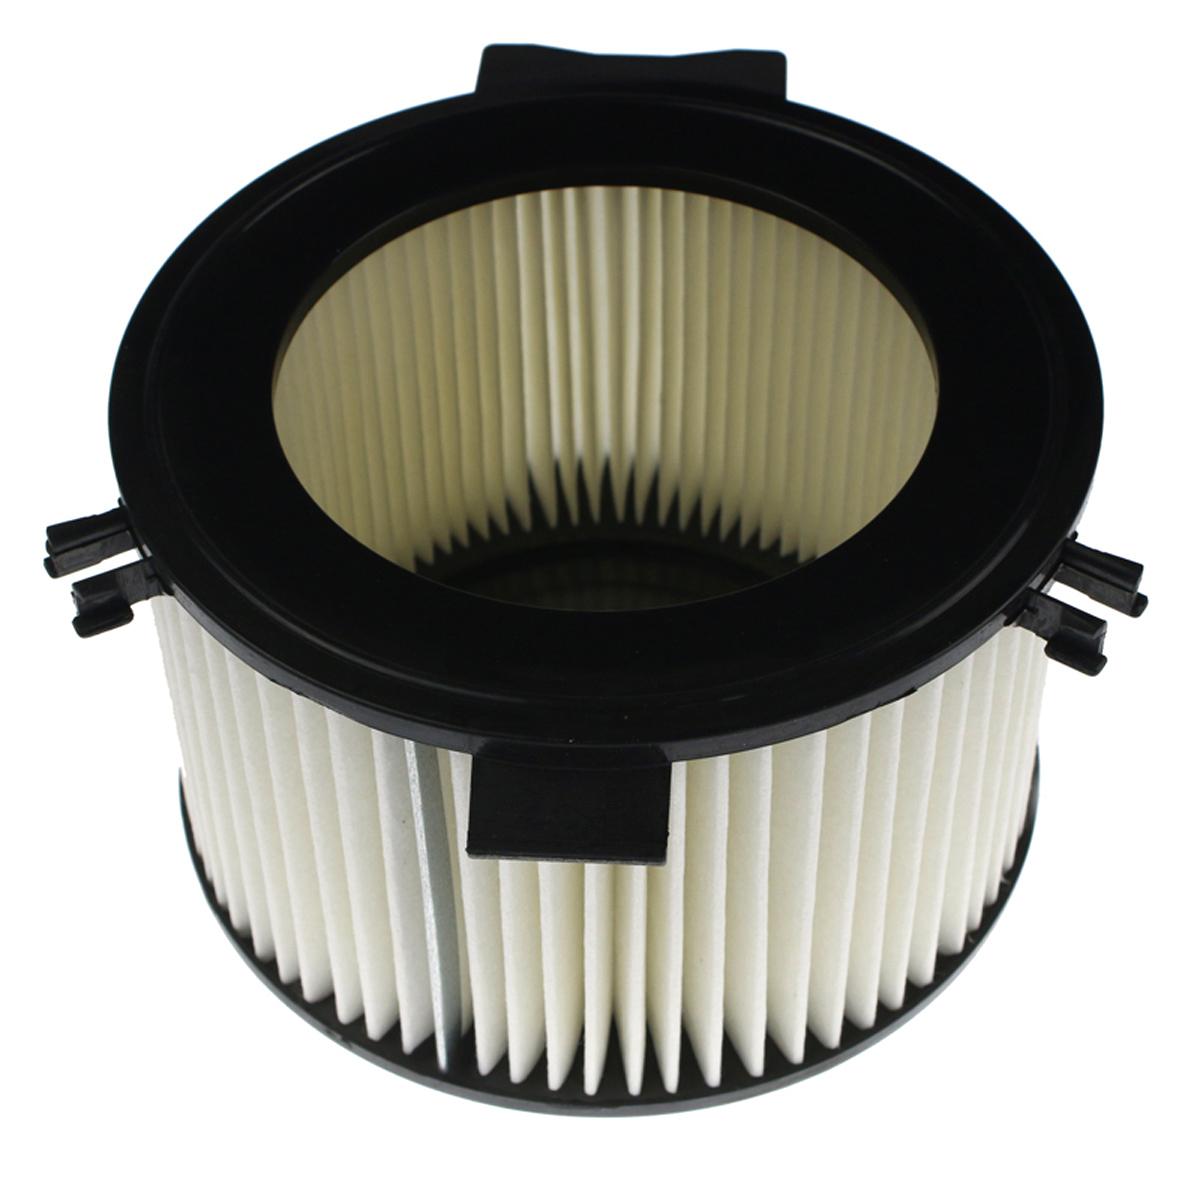 Innenraumluftfilter Pollenfilter für VW entsp. CU1738, FK00003